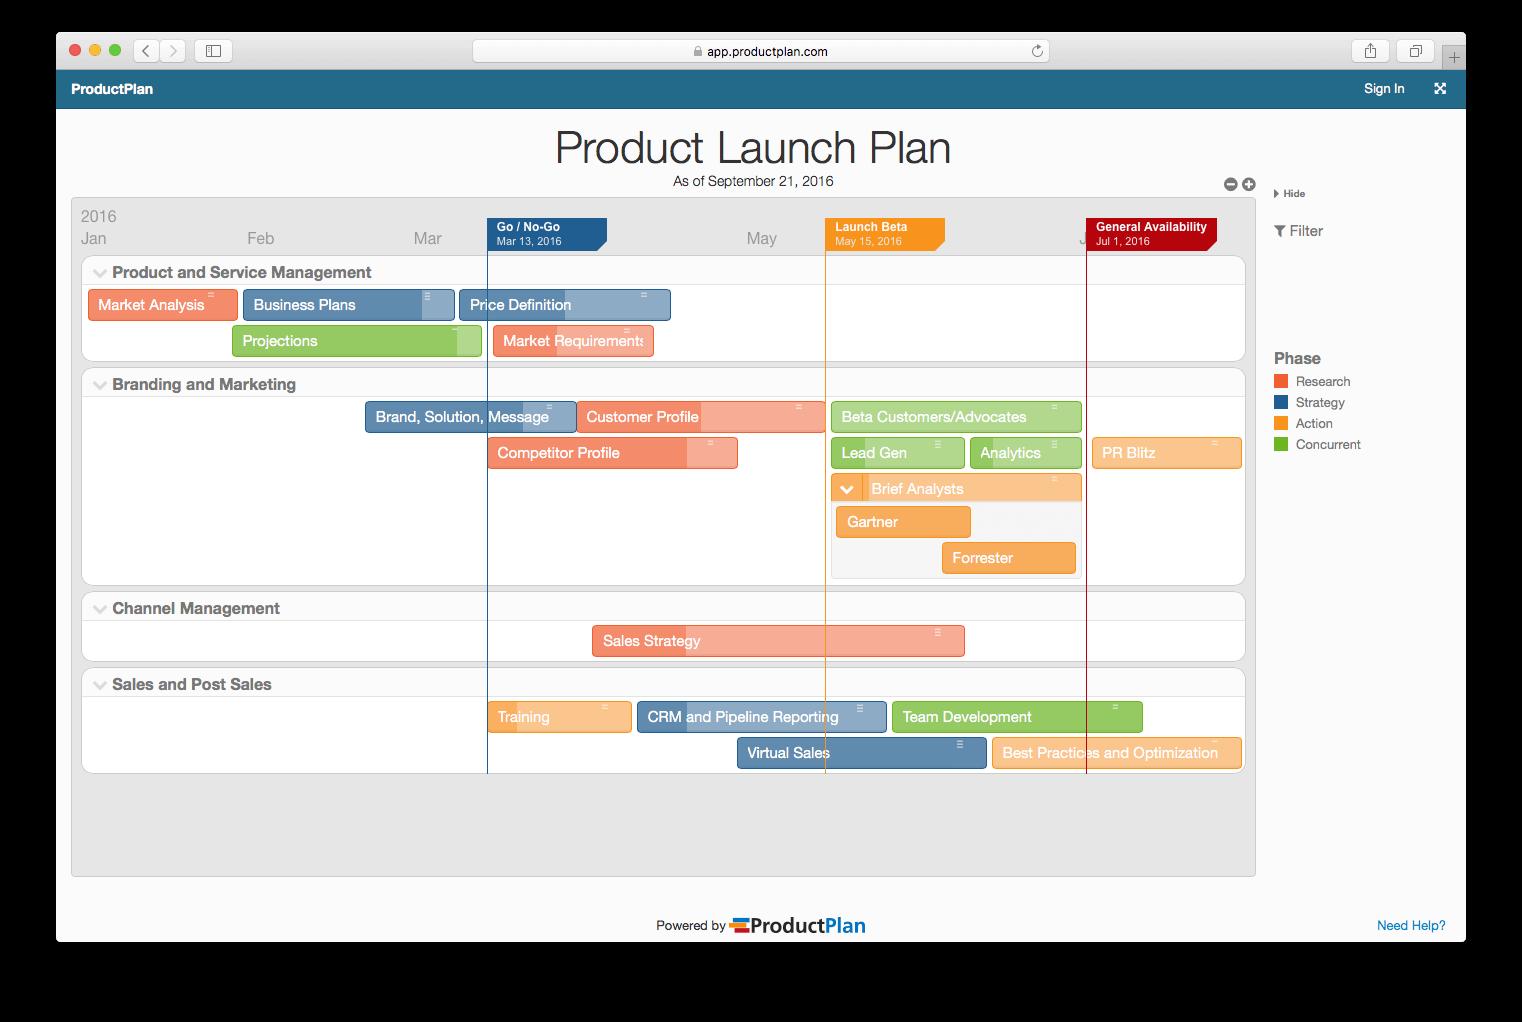 7ba3dcbdd0d Product Launch Plan Template